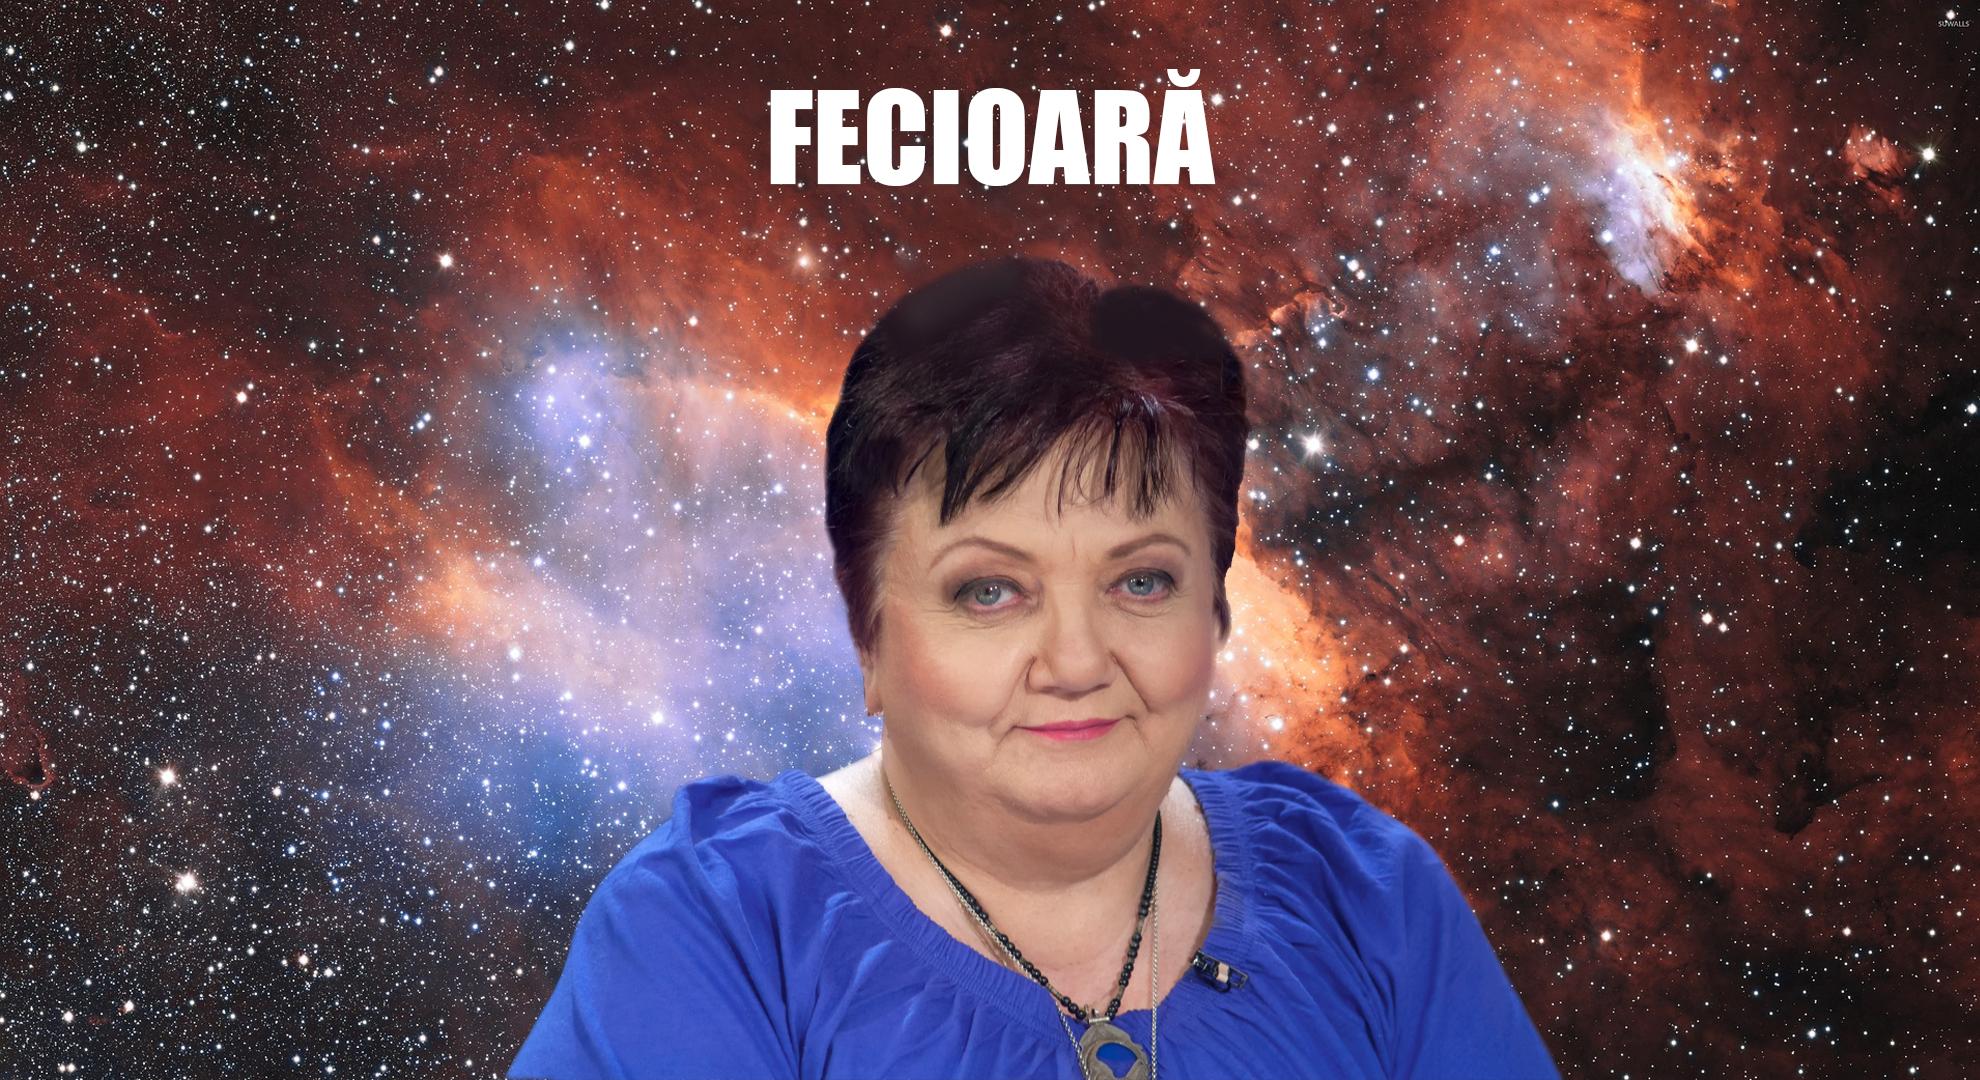 Horoscop Minerva MARTIE 2021 Fecioară